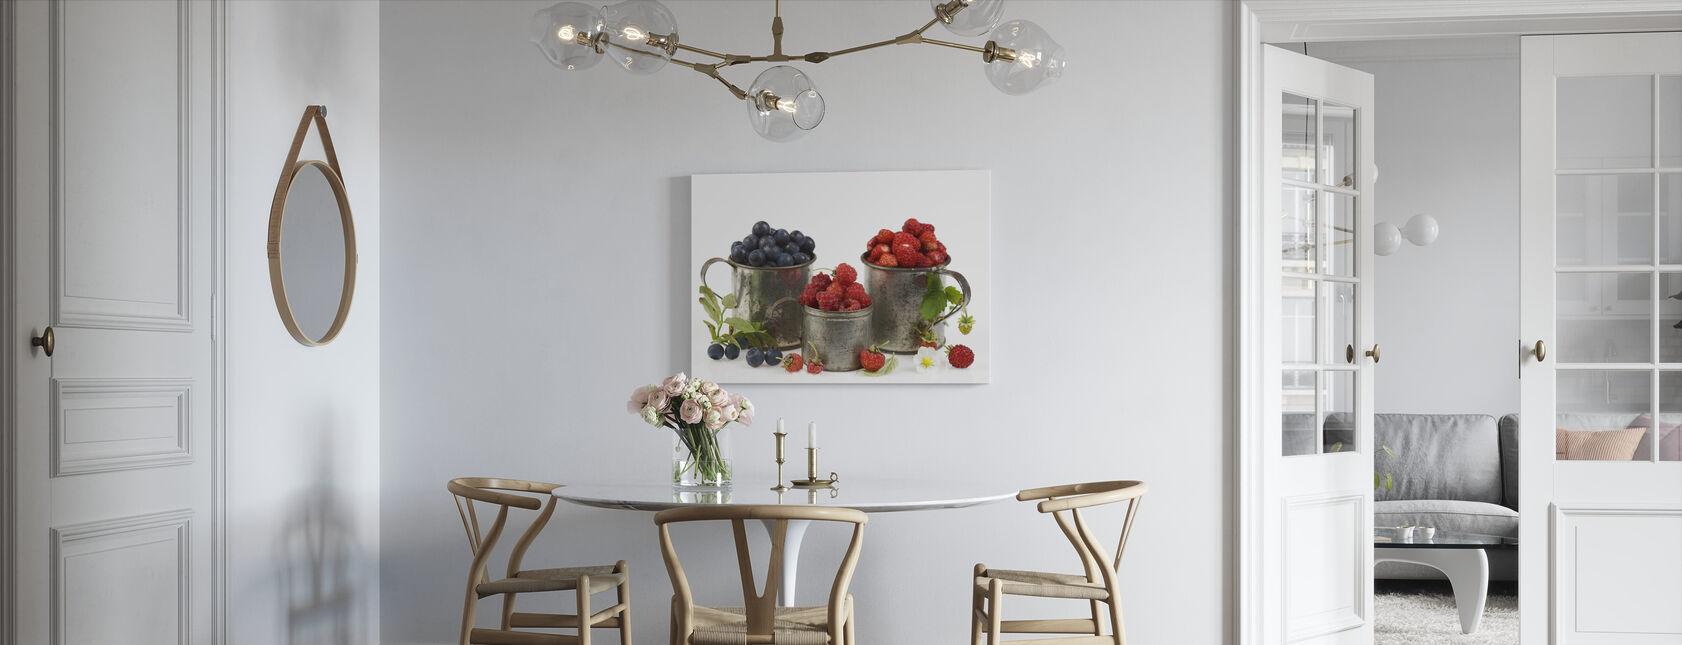 Mustikat Raspberry ja mansikat - Canvastaulu - Keittiö